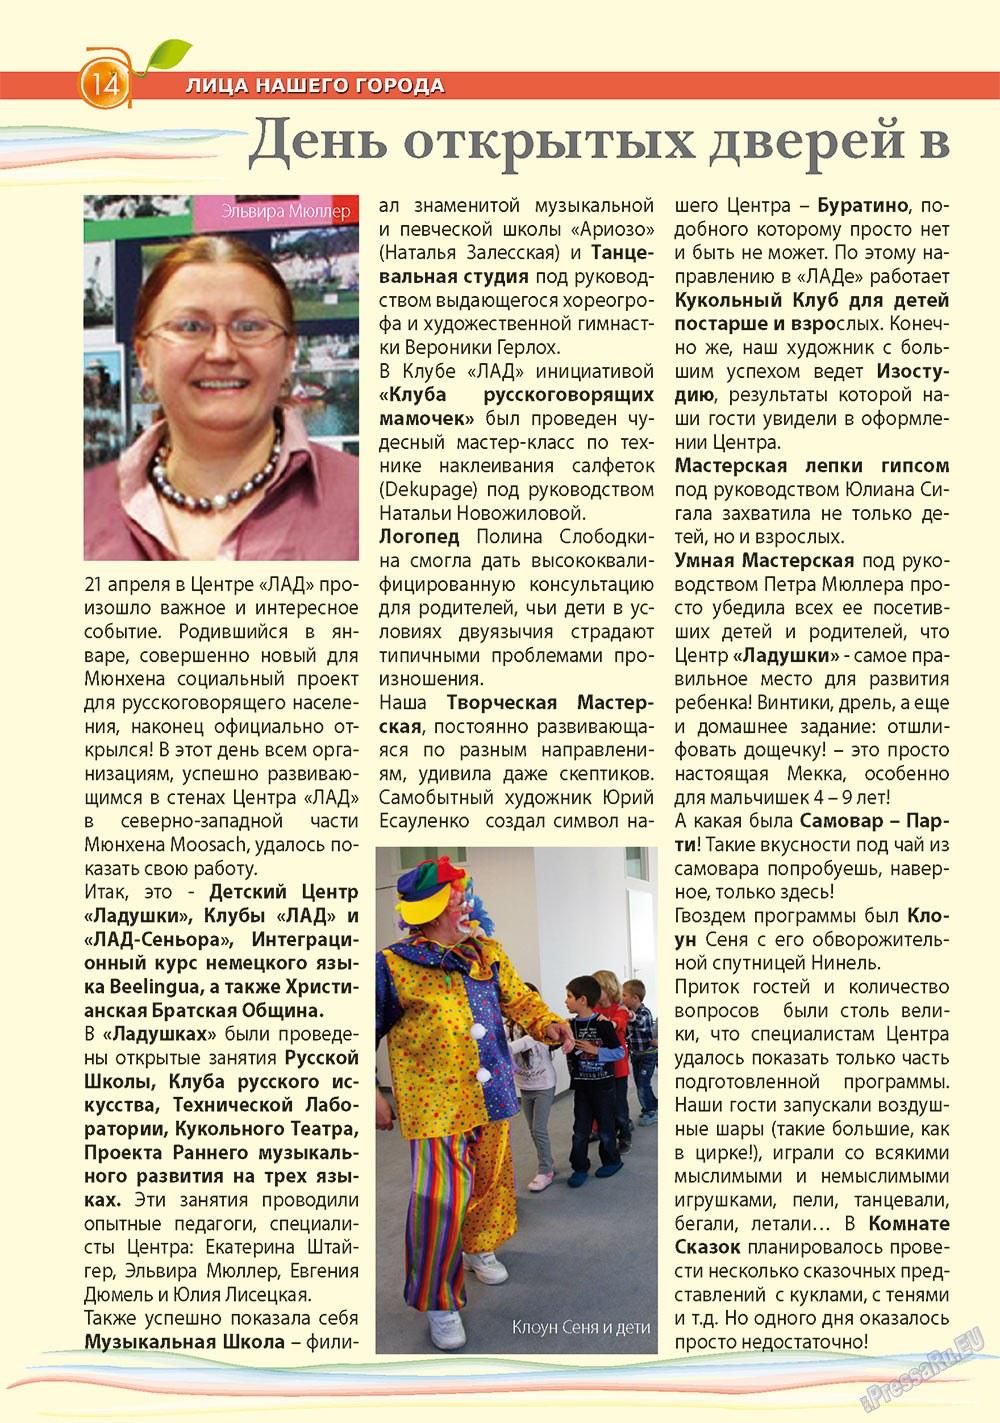 Апельсин (журнал). 2012 год, номер 34, стр. 14